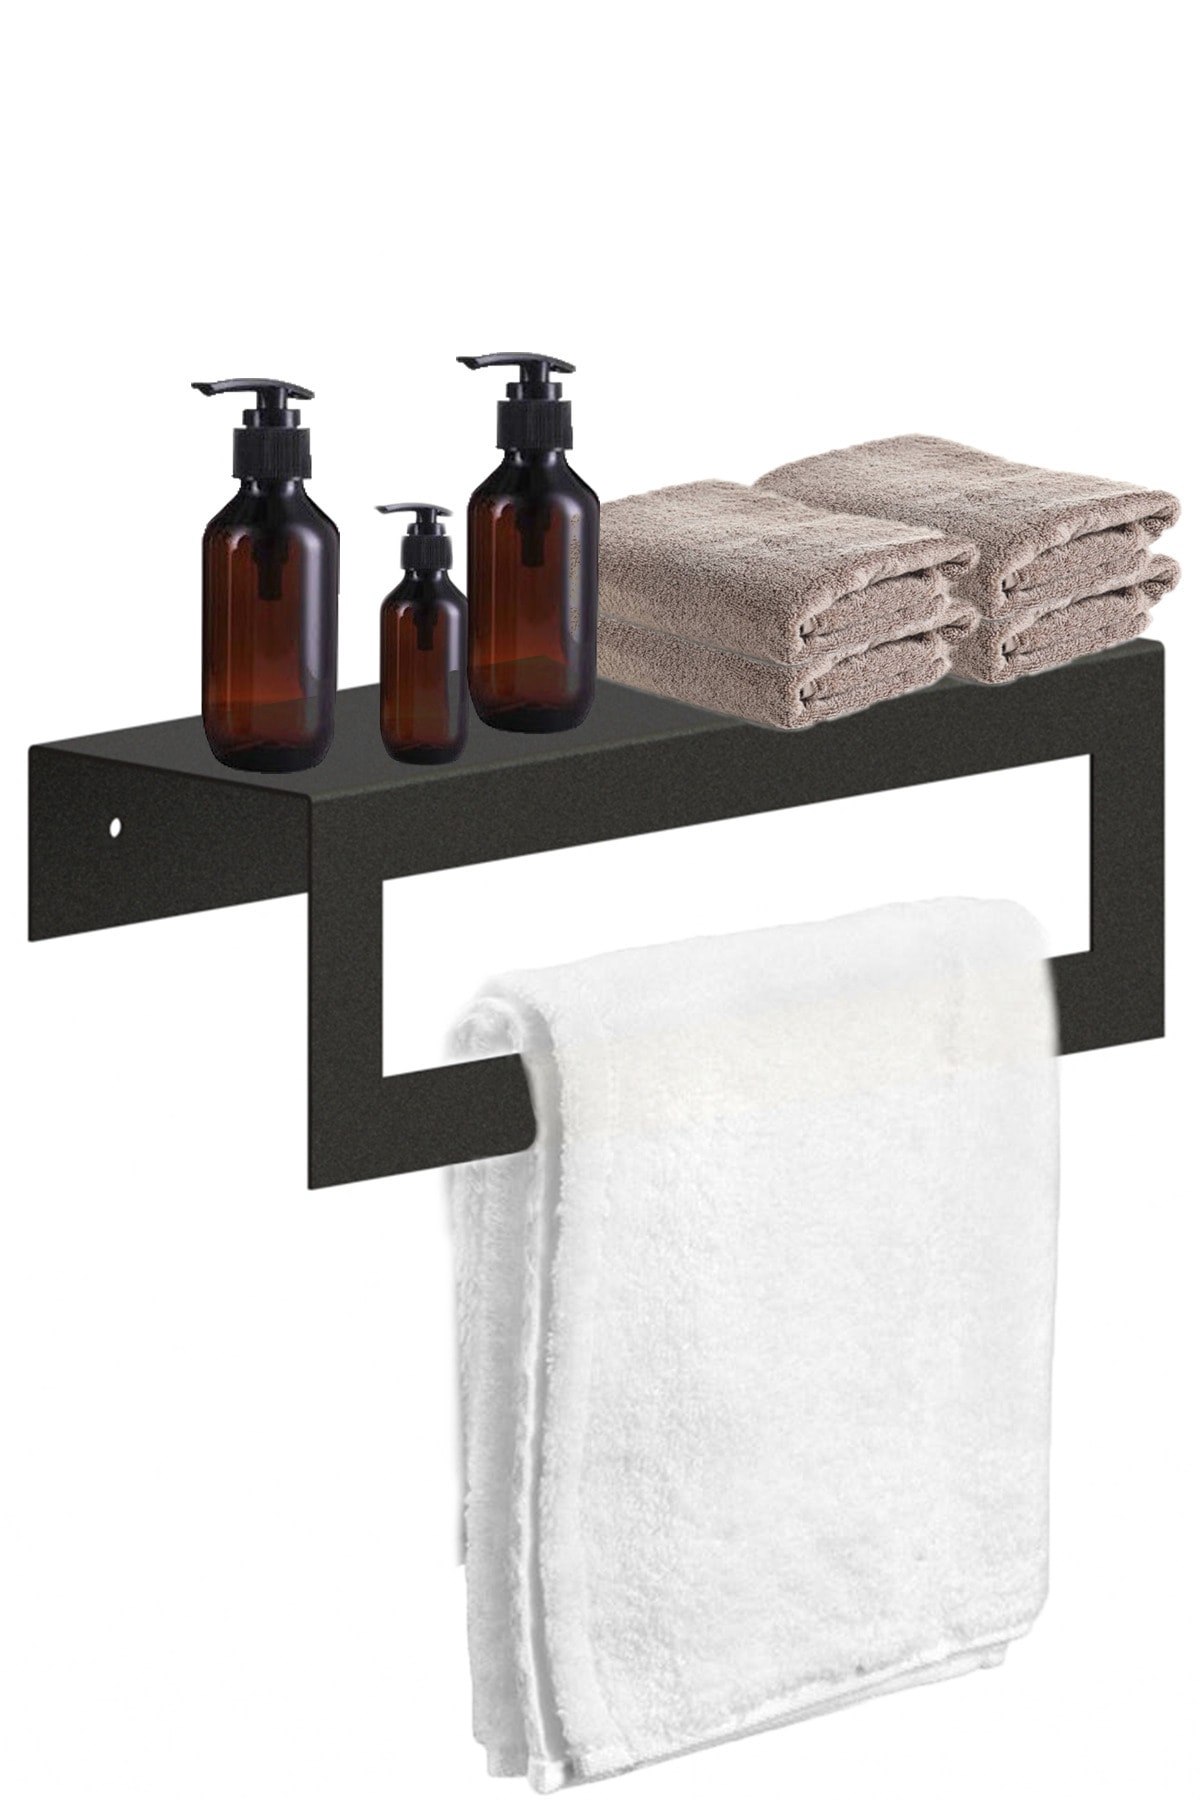 Banyo Havlu Askısı | Raflı Havluluk Ve Askı | Otel Banyo Askısı | Raflı Havluluk 30cm